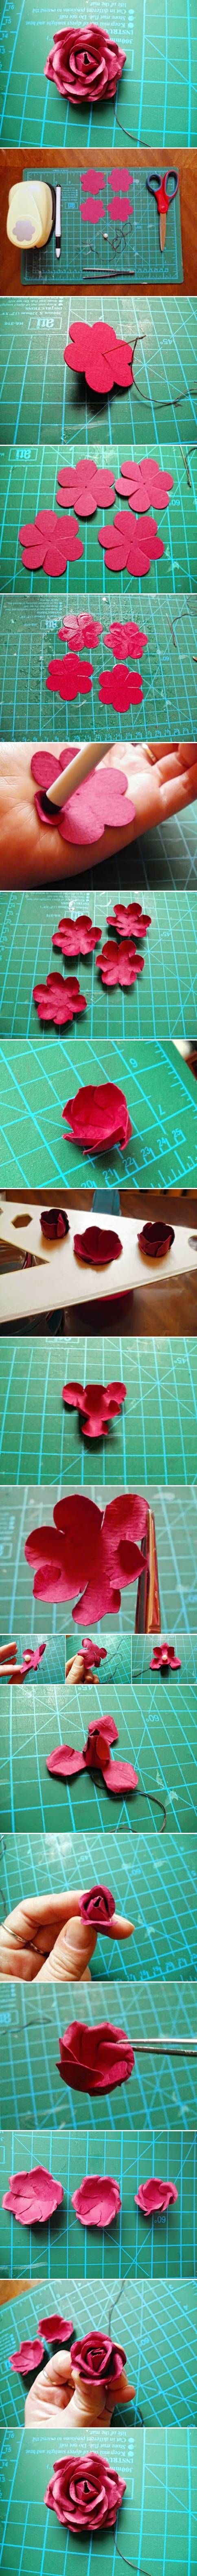 DIY Easy Modular Paper Rose DIY Easy Modular Paper Rose